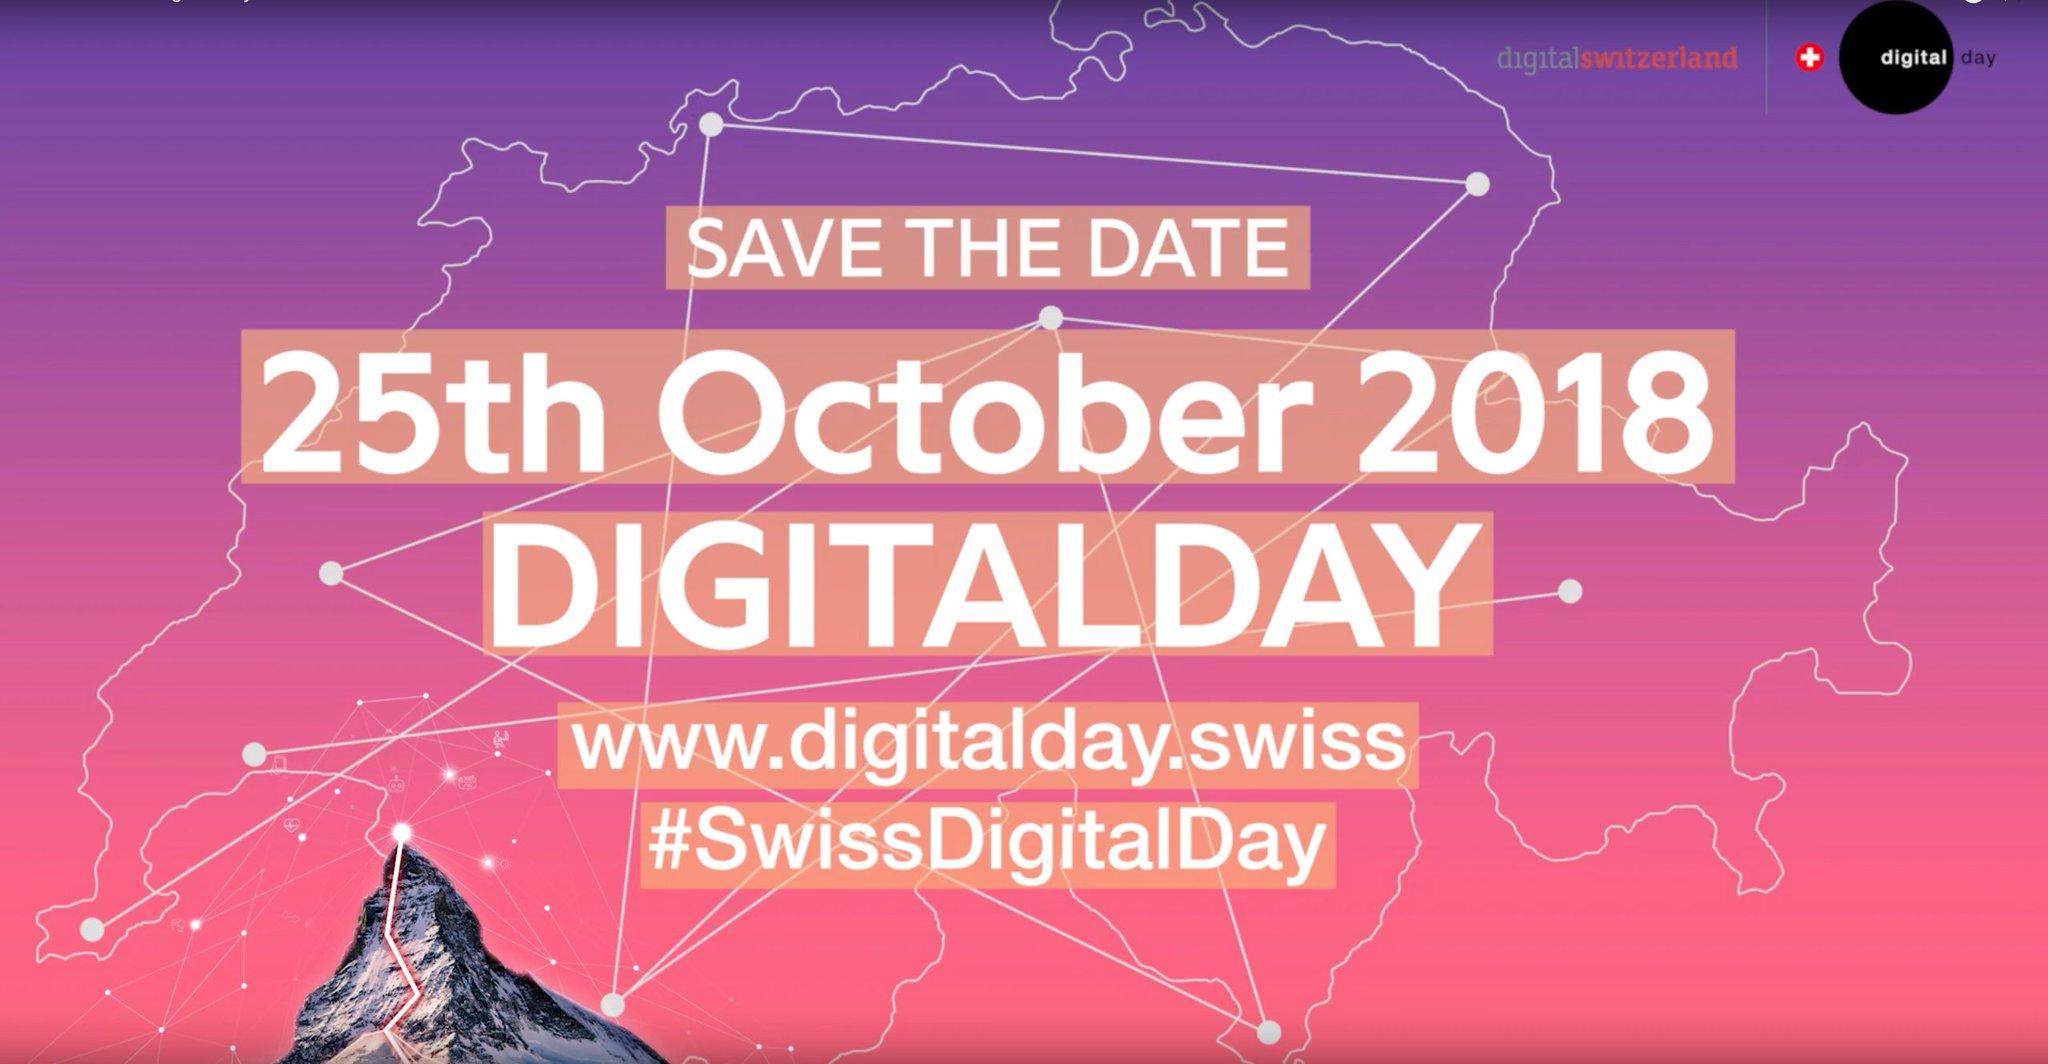 Le #EPFLDigitalDay aura lieu le 25.10: ateliers, démonstrations, expos, découverte des #DiscoveryLearningLabs, du #VeniceTimeMachine, du #BlueBrainProject et des archives du @MontreuxJazz @EPFLArtLab avec @octanisorg @firmtechnology @DariusRochebin @EPFLevents #SwissDigitalDay https://t.co/xdoPAvOTZs